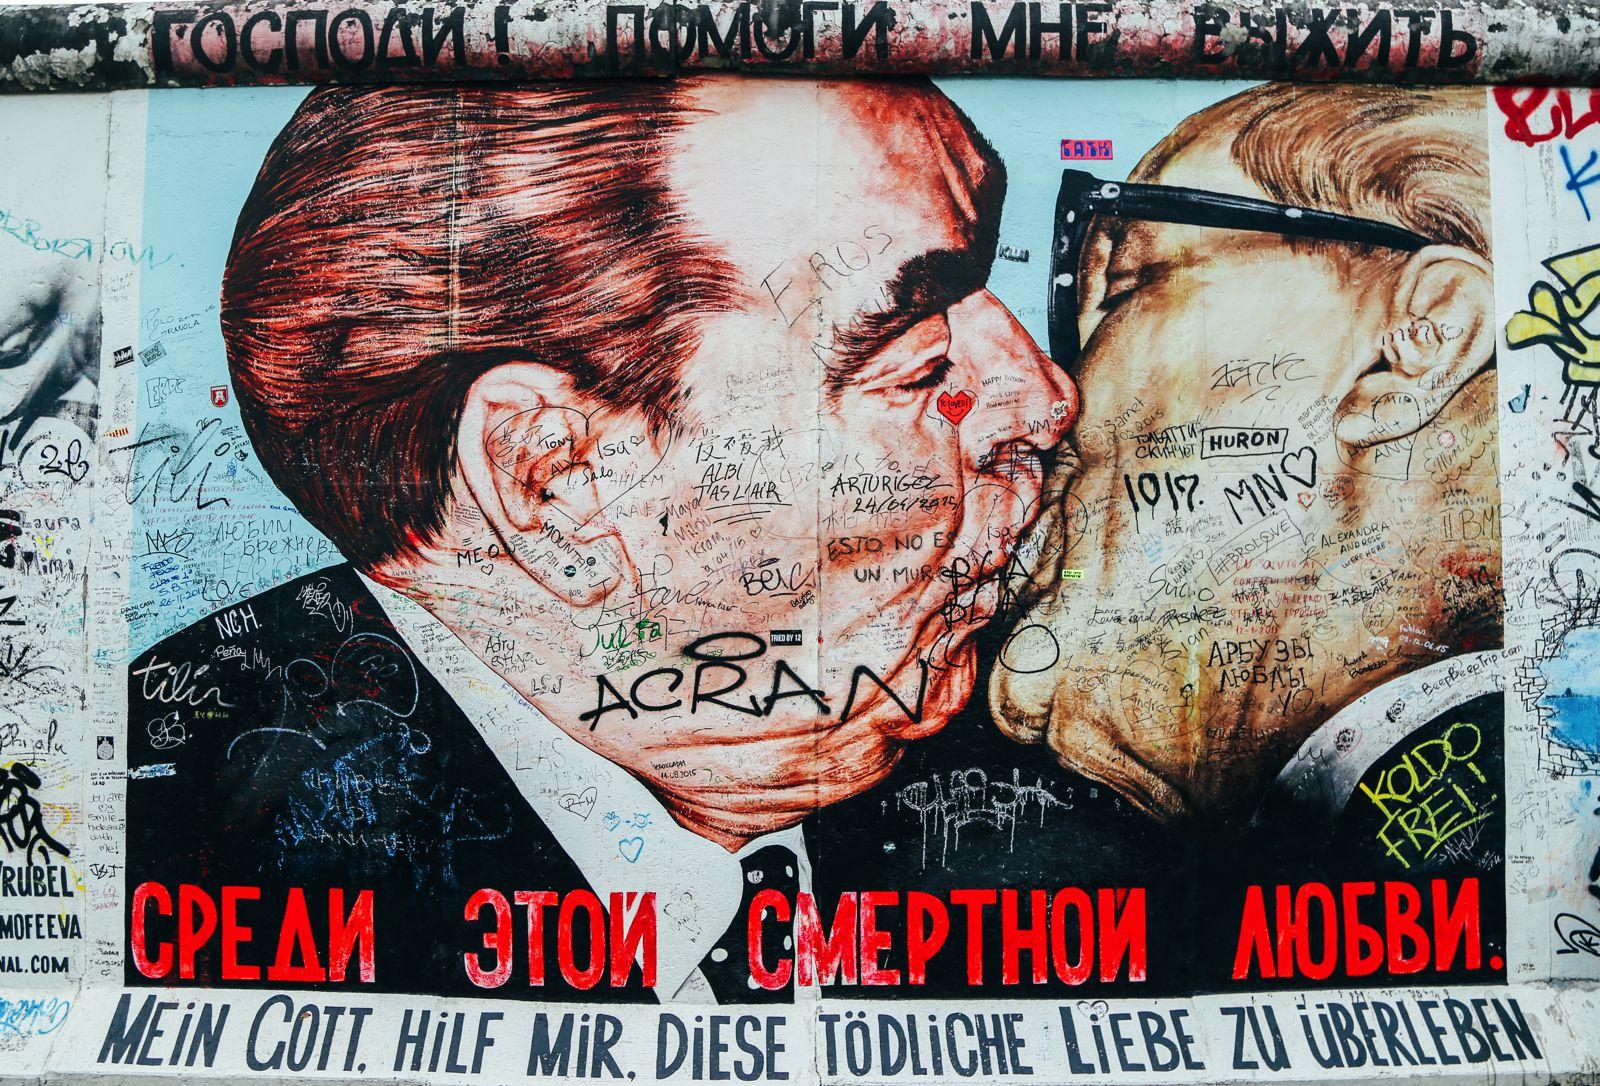 East Side Gallery, Berlin, Germany (12)